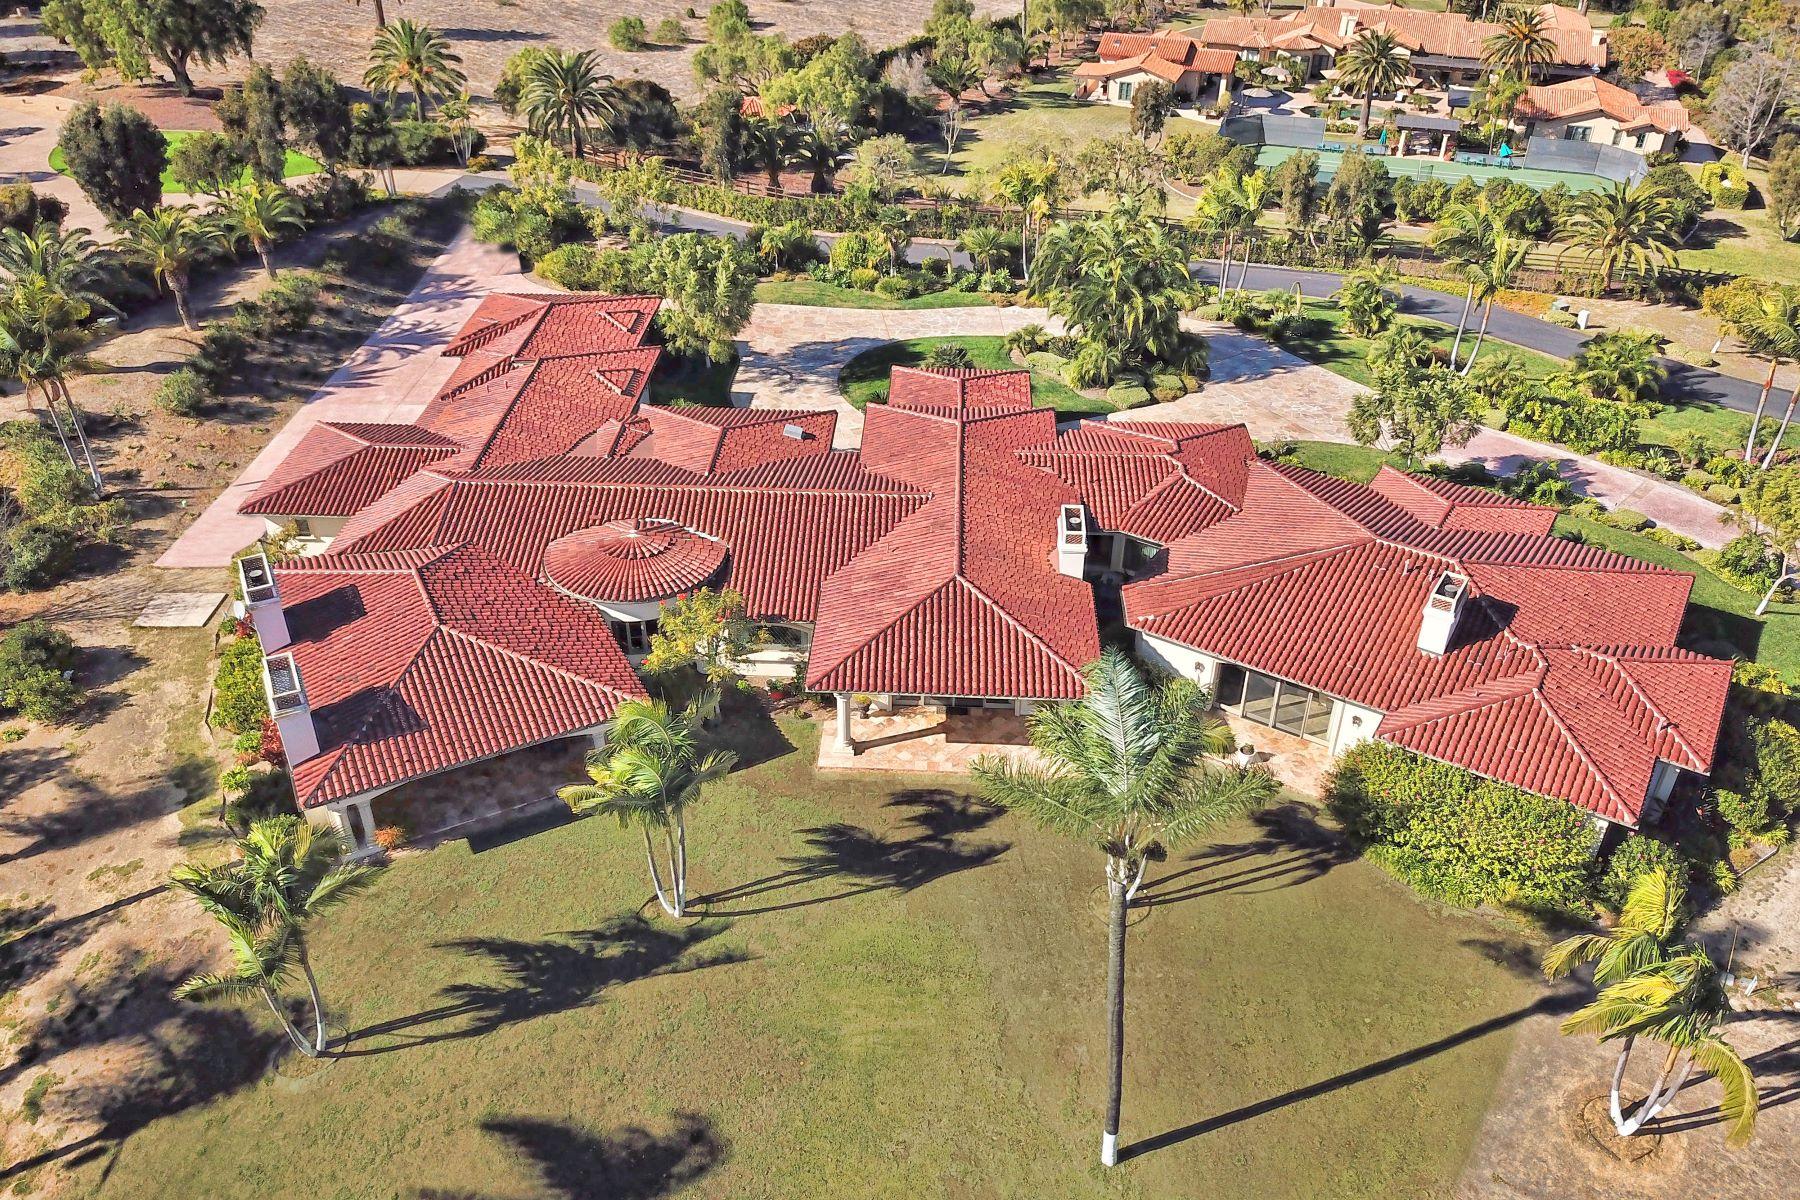 Single Family Home for Sale at 6625 Lago Lindo 6625 Lago Lindo Rancho Santa Fe, California 92067 United States